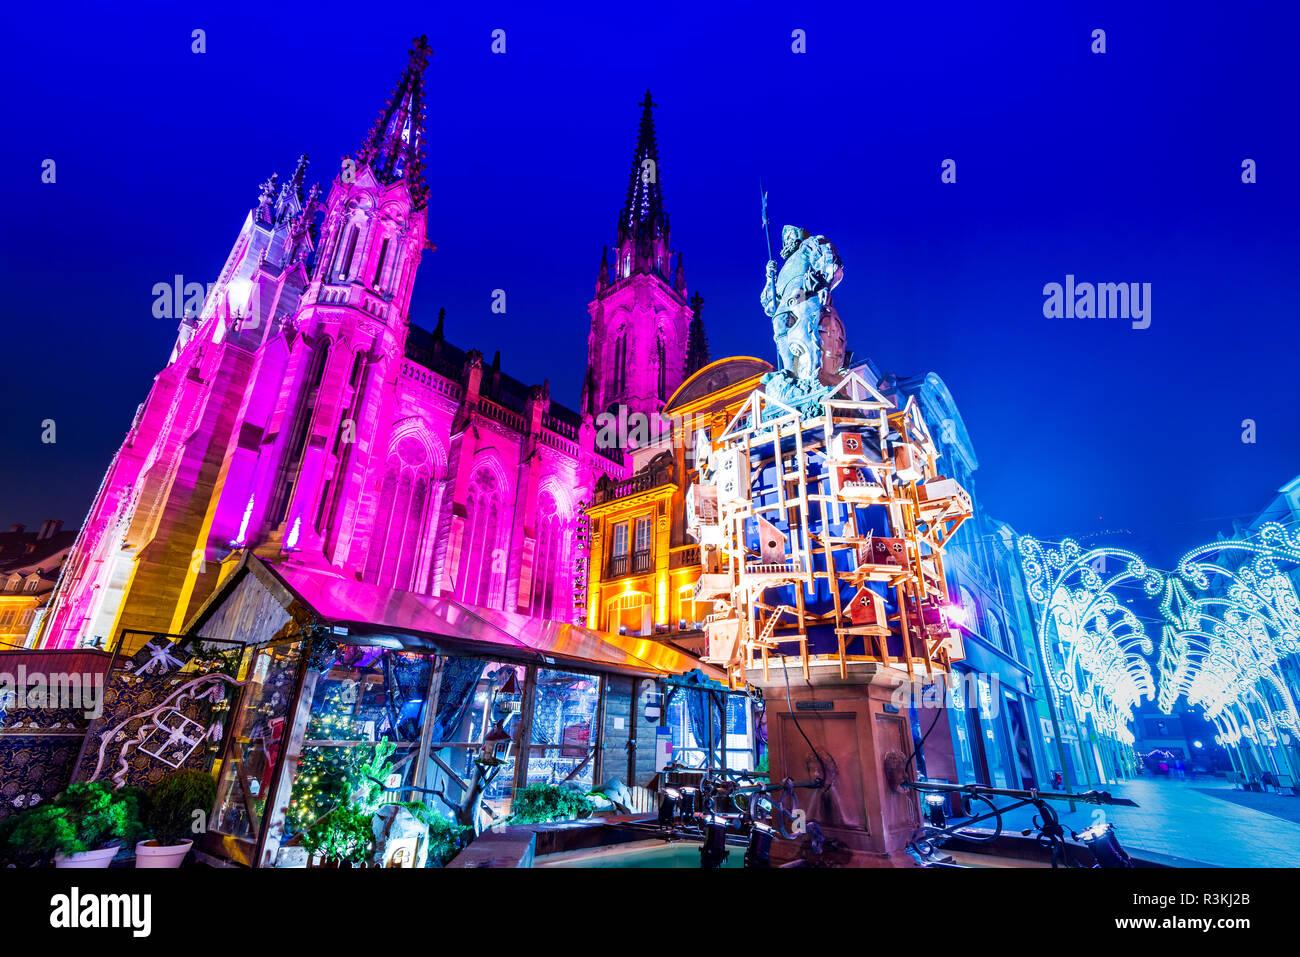 Mulhouse, France - Marché de Noel, Marche de Noel ville en Alsace. Photo Stock